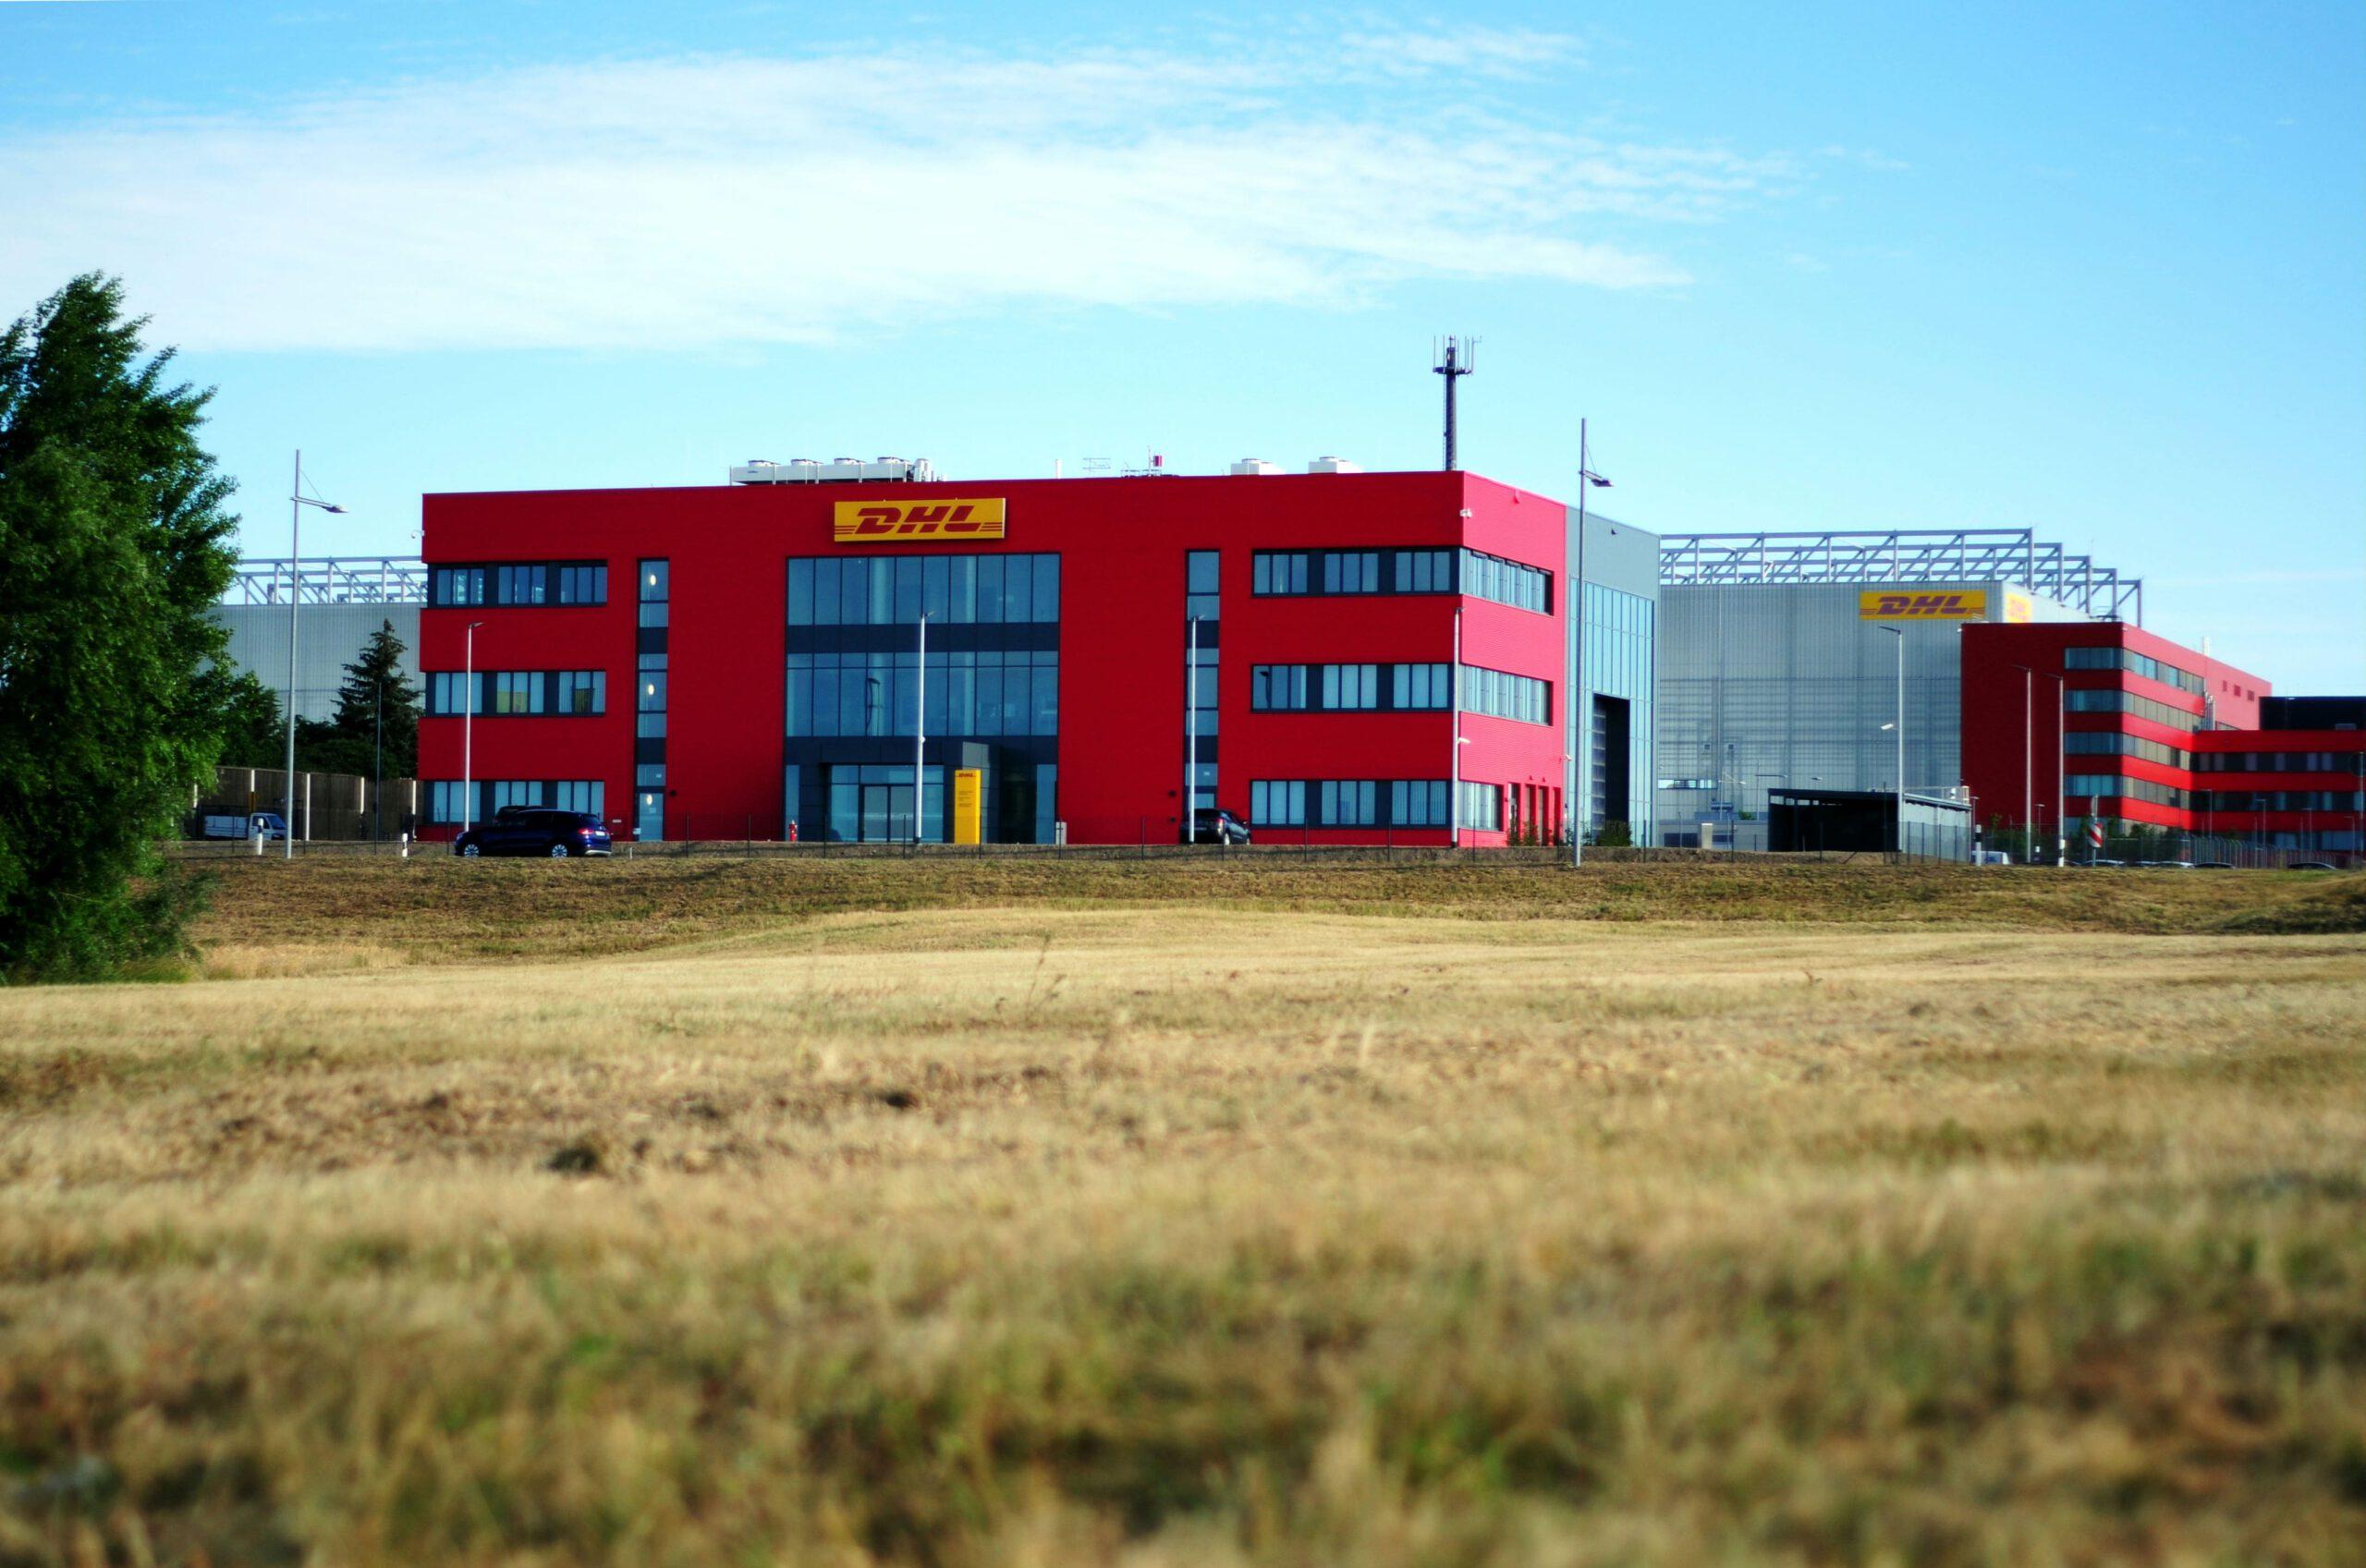 DHL Piloten Ausbildungszentrum in Schkeuditz 02